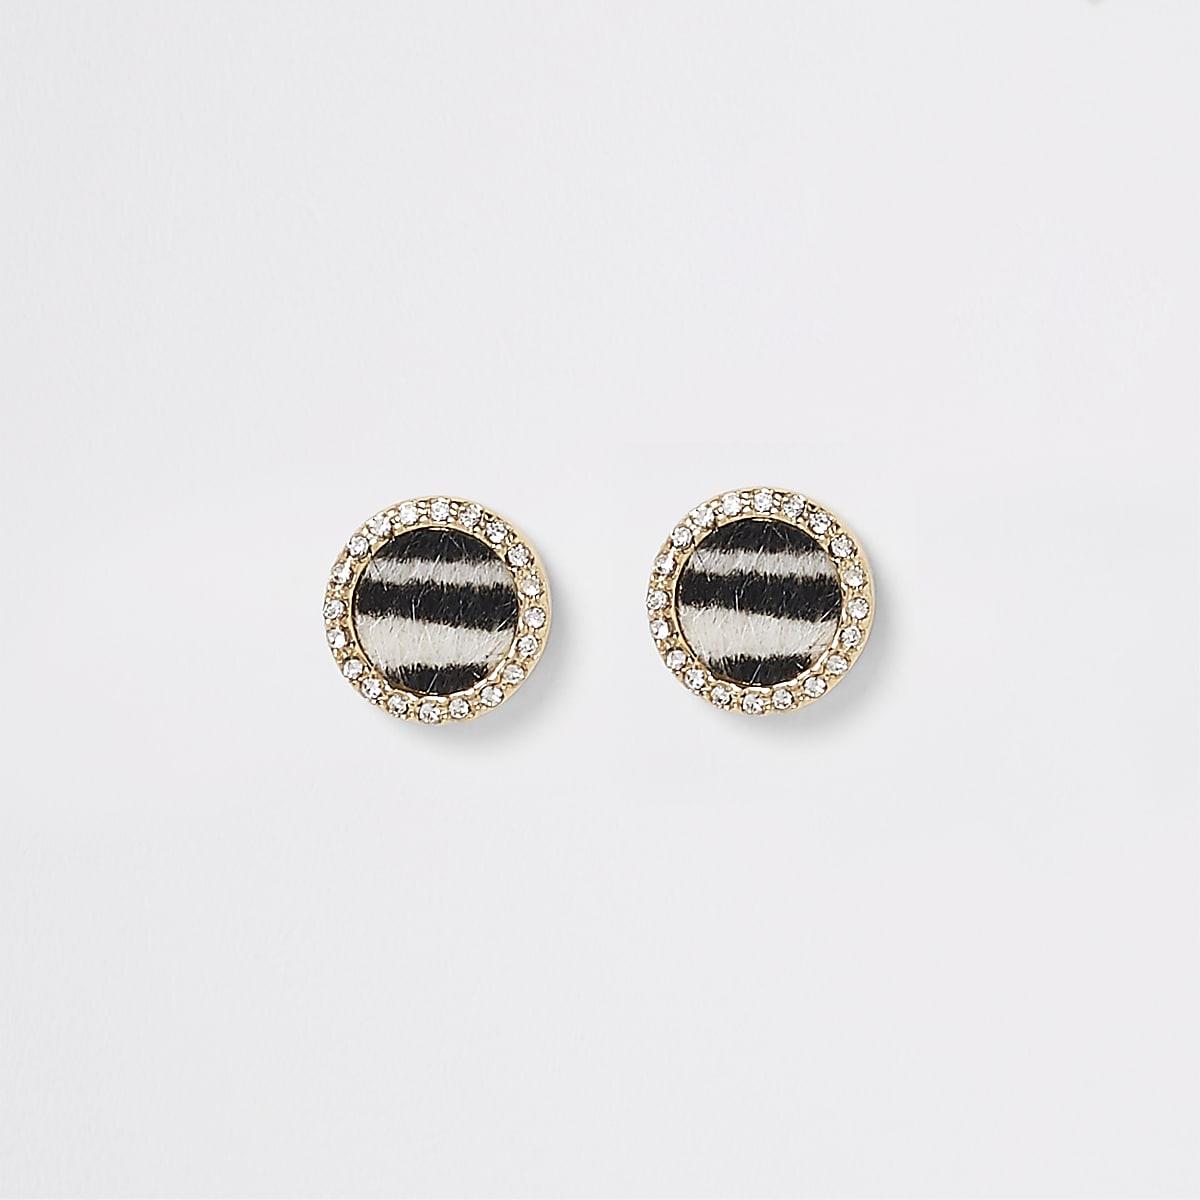 Zwarte oorknopjes met zebraprint en siersteentjes